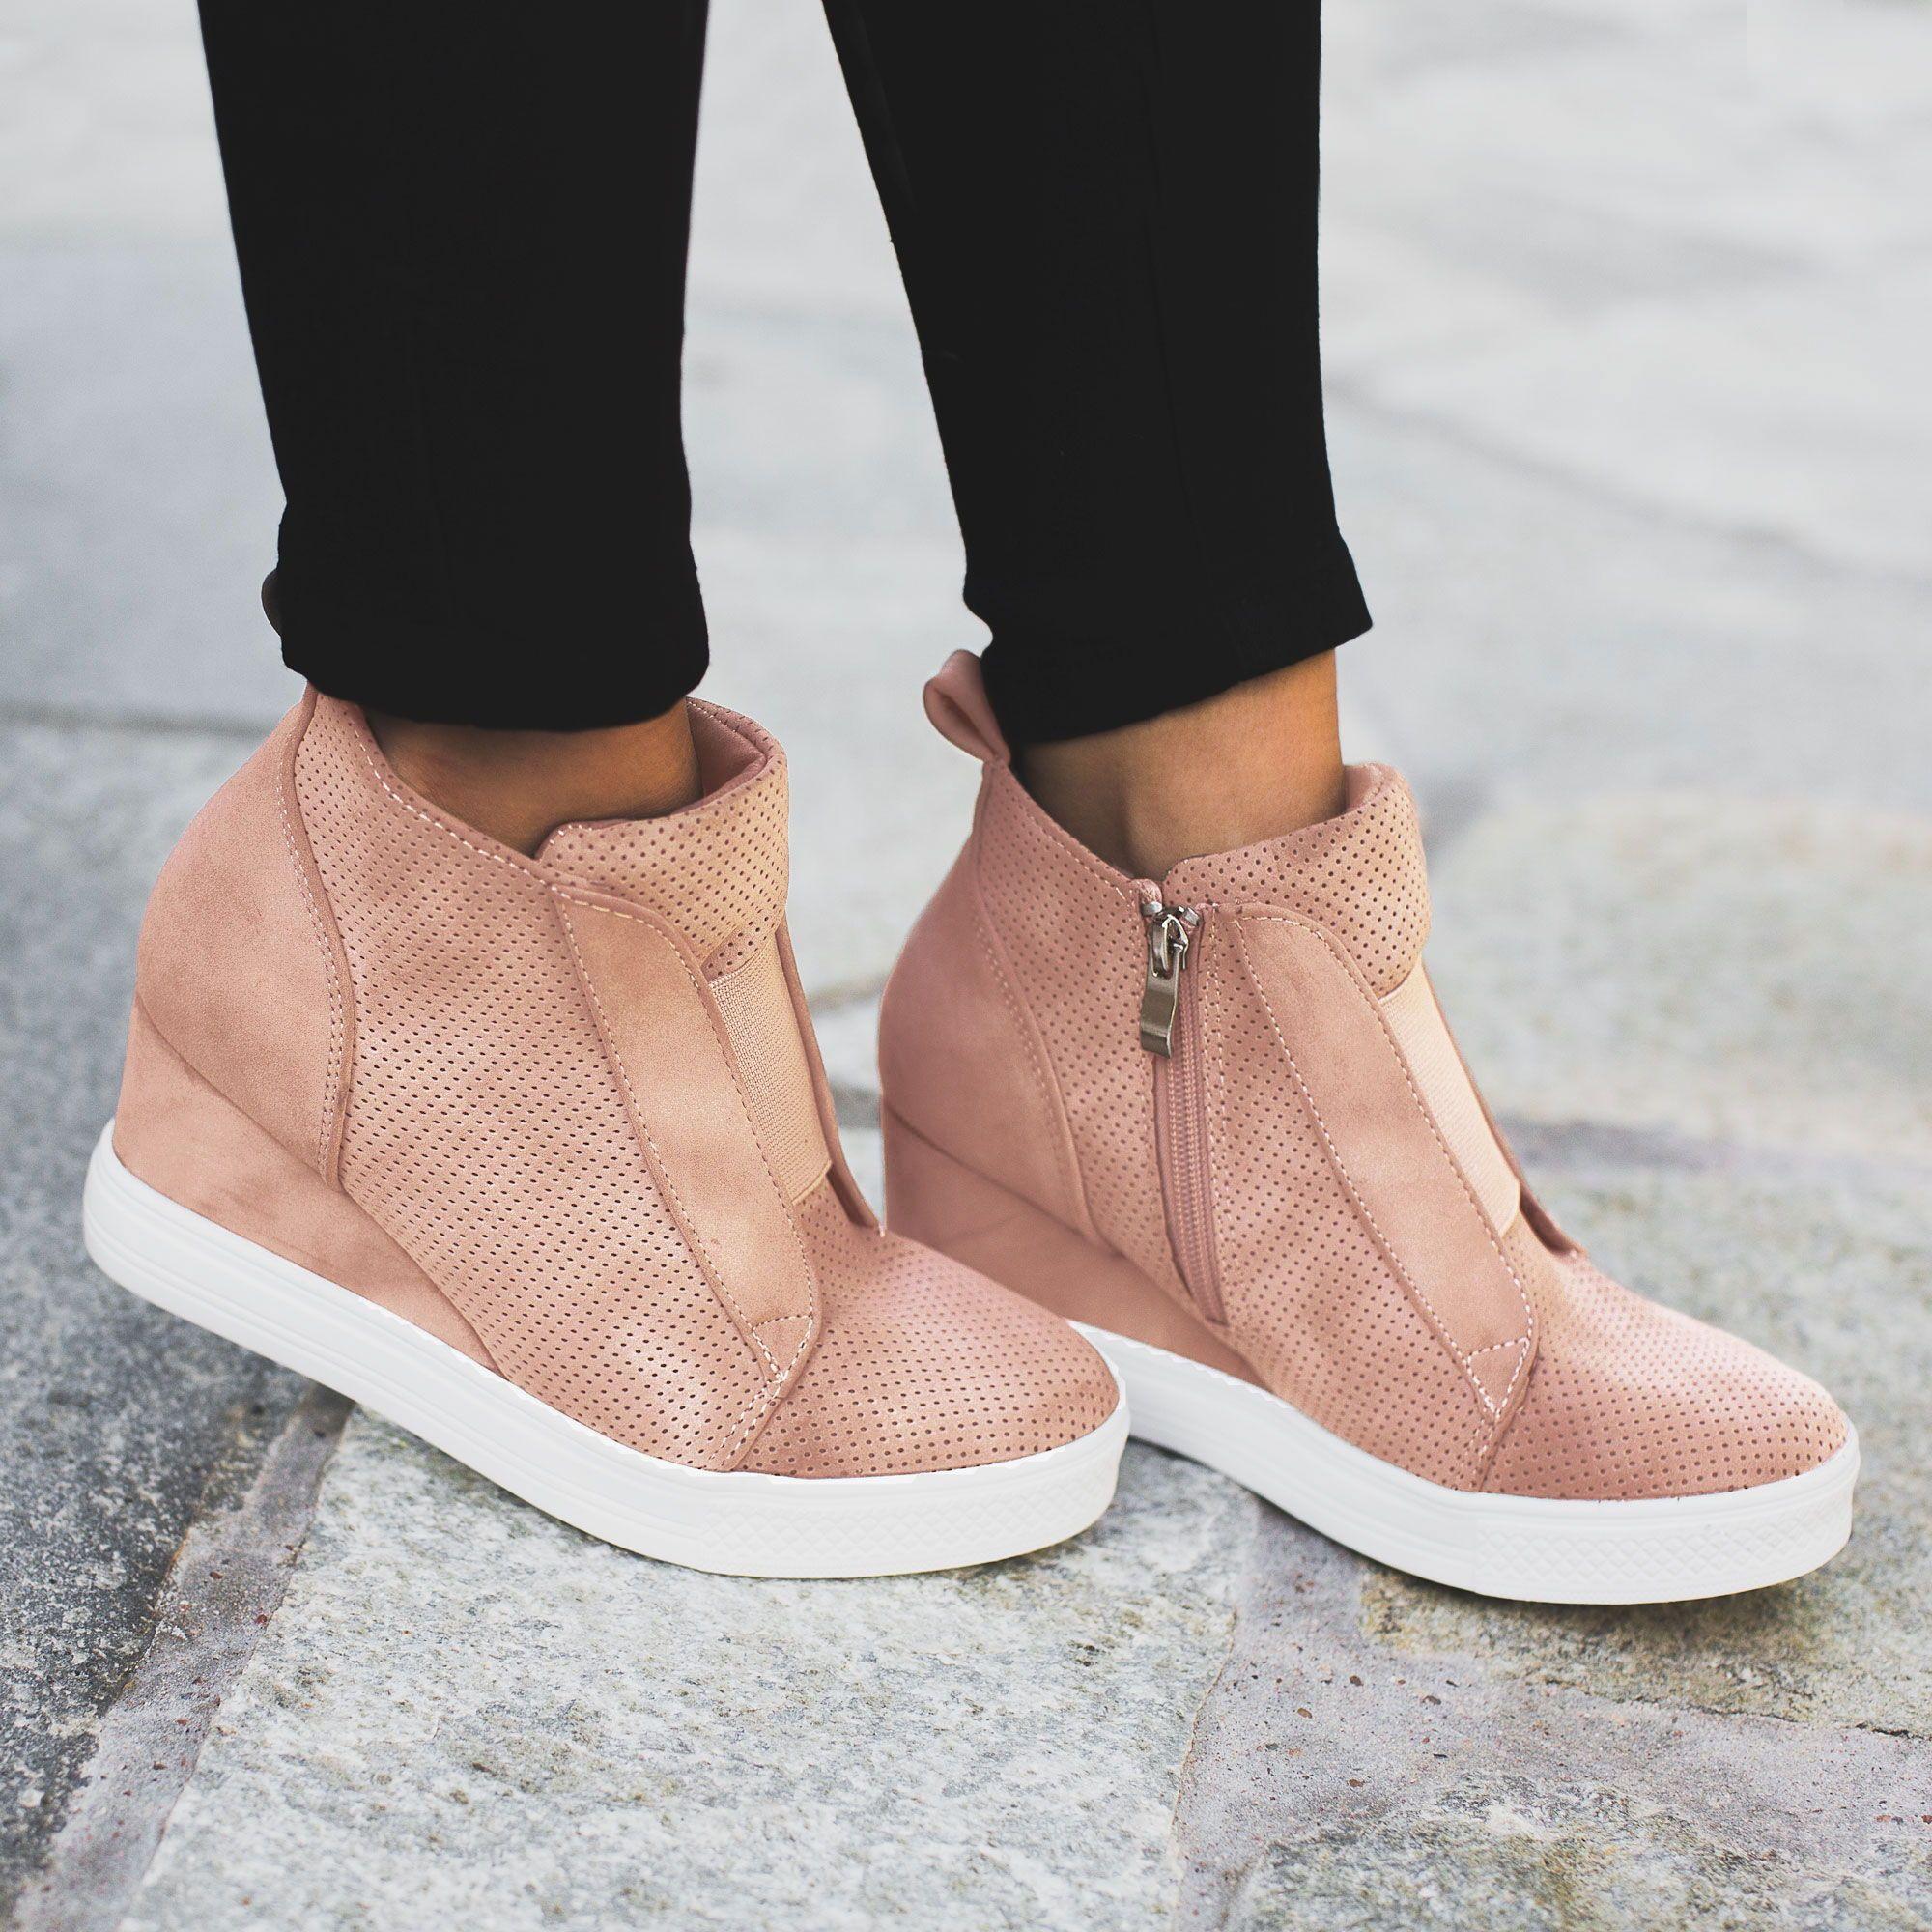 All Day Blush Slip On Wedge Sneaker